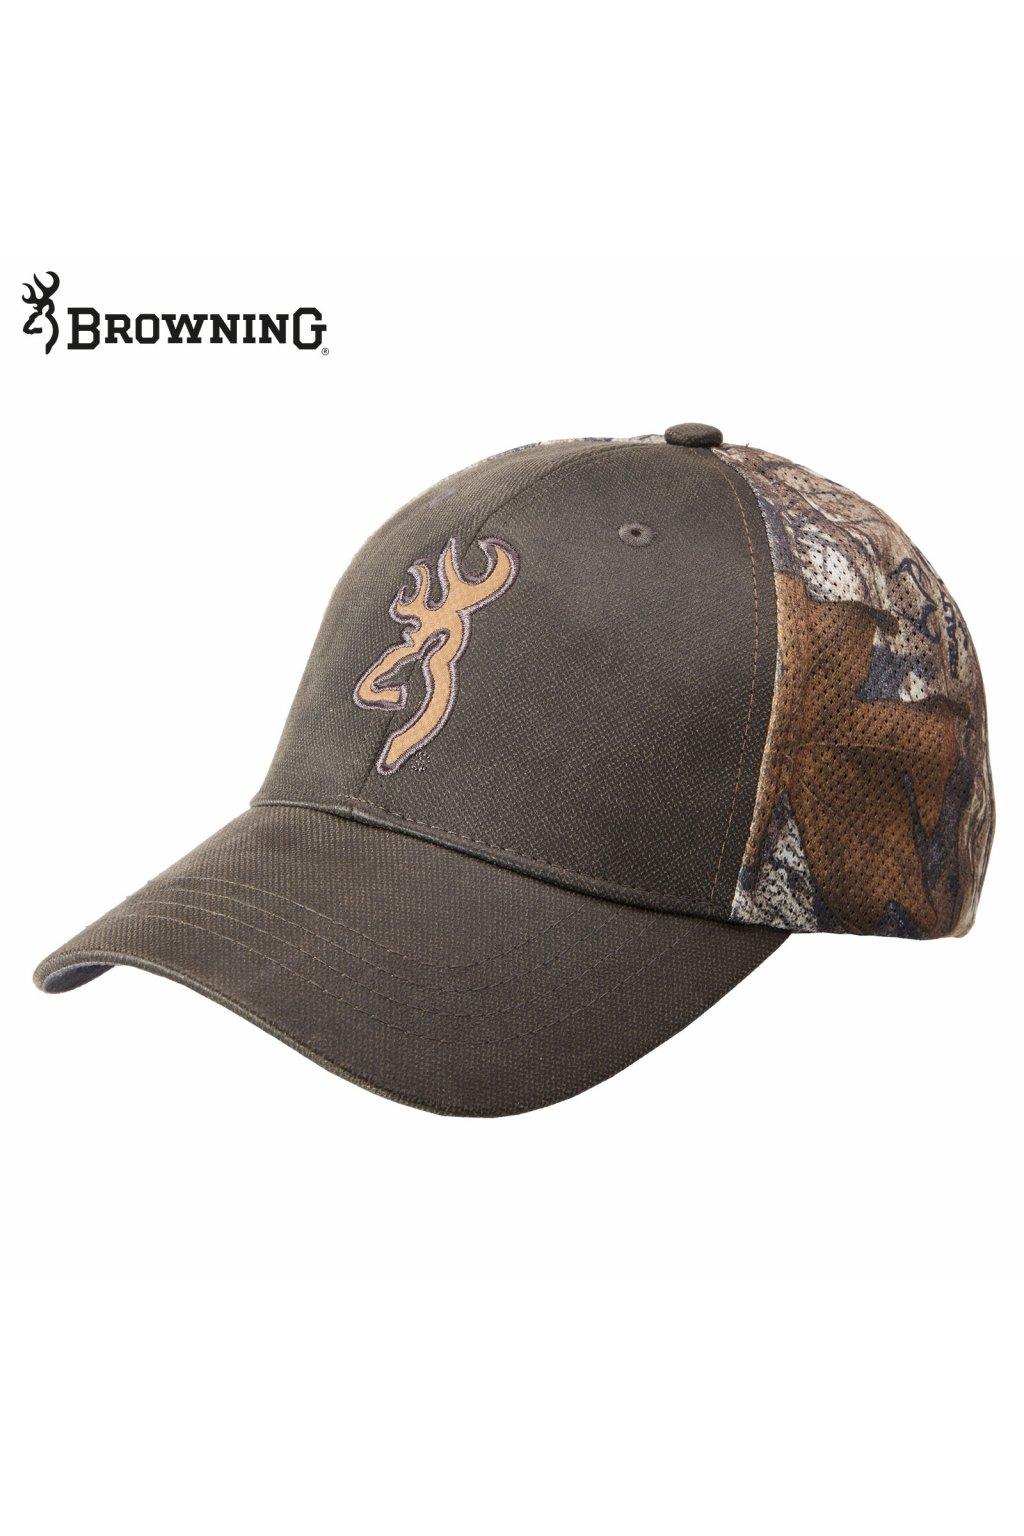 Browning kšiltovka